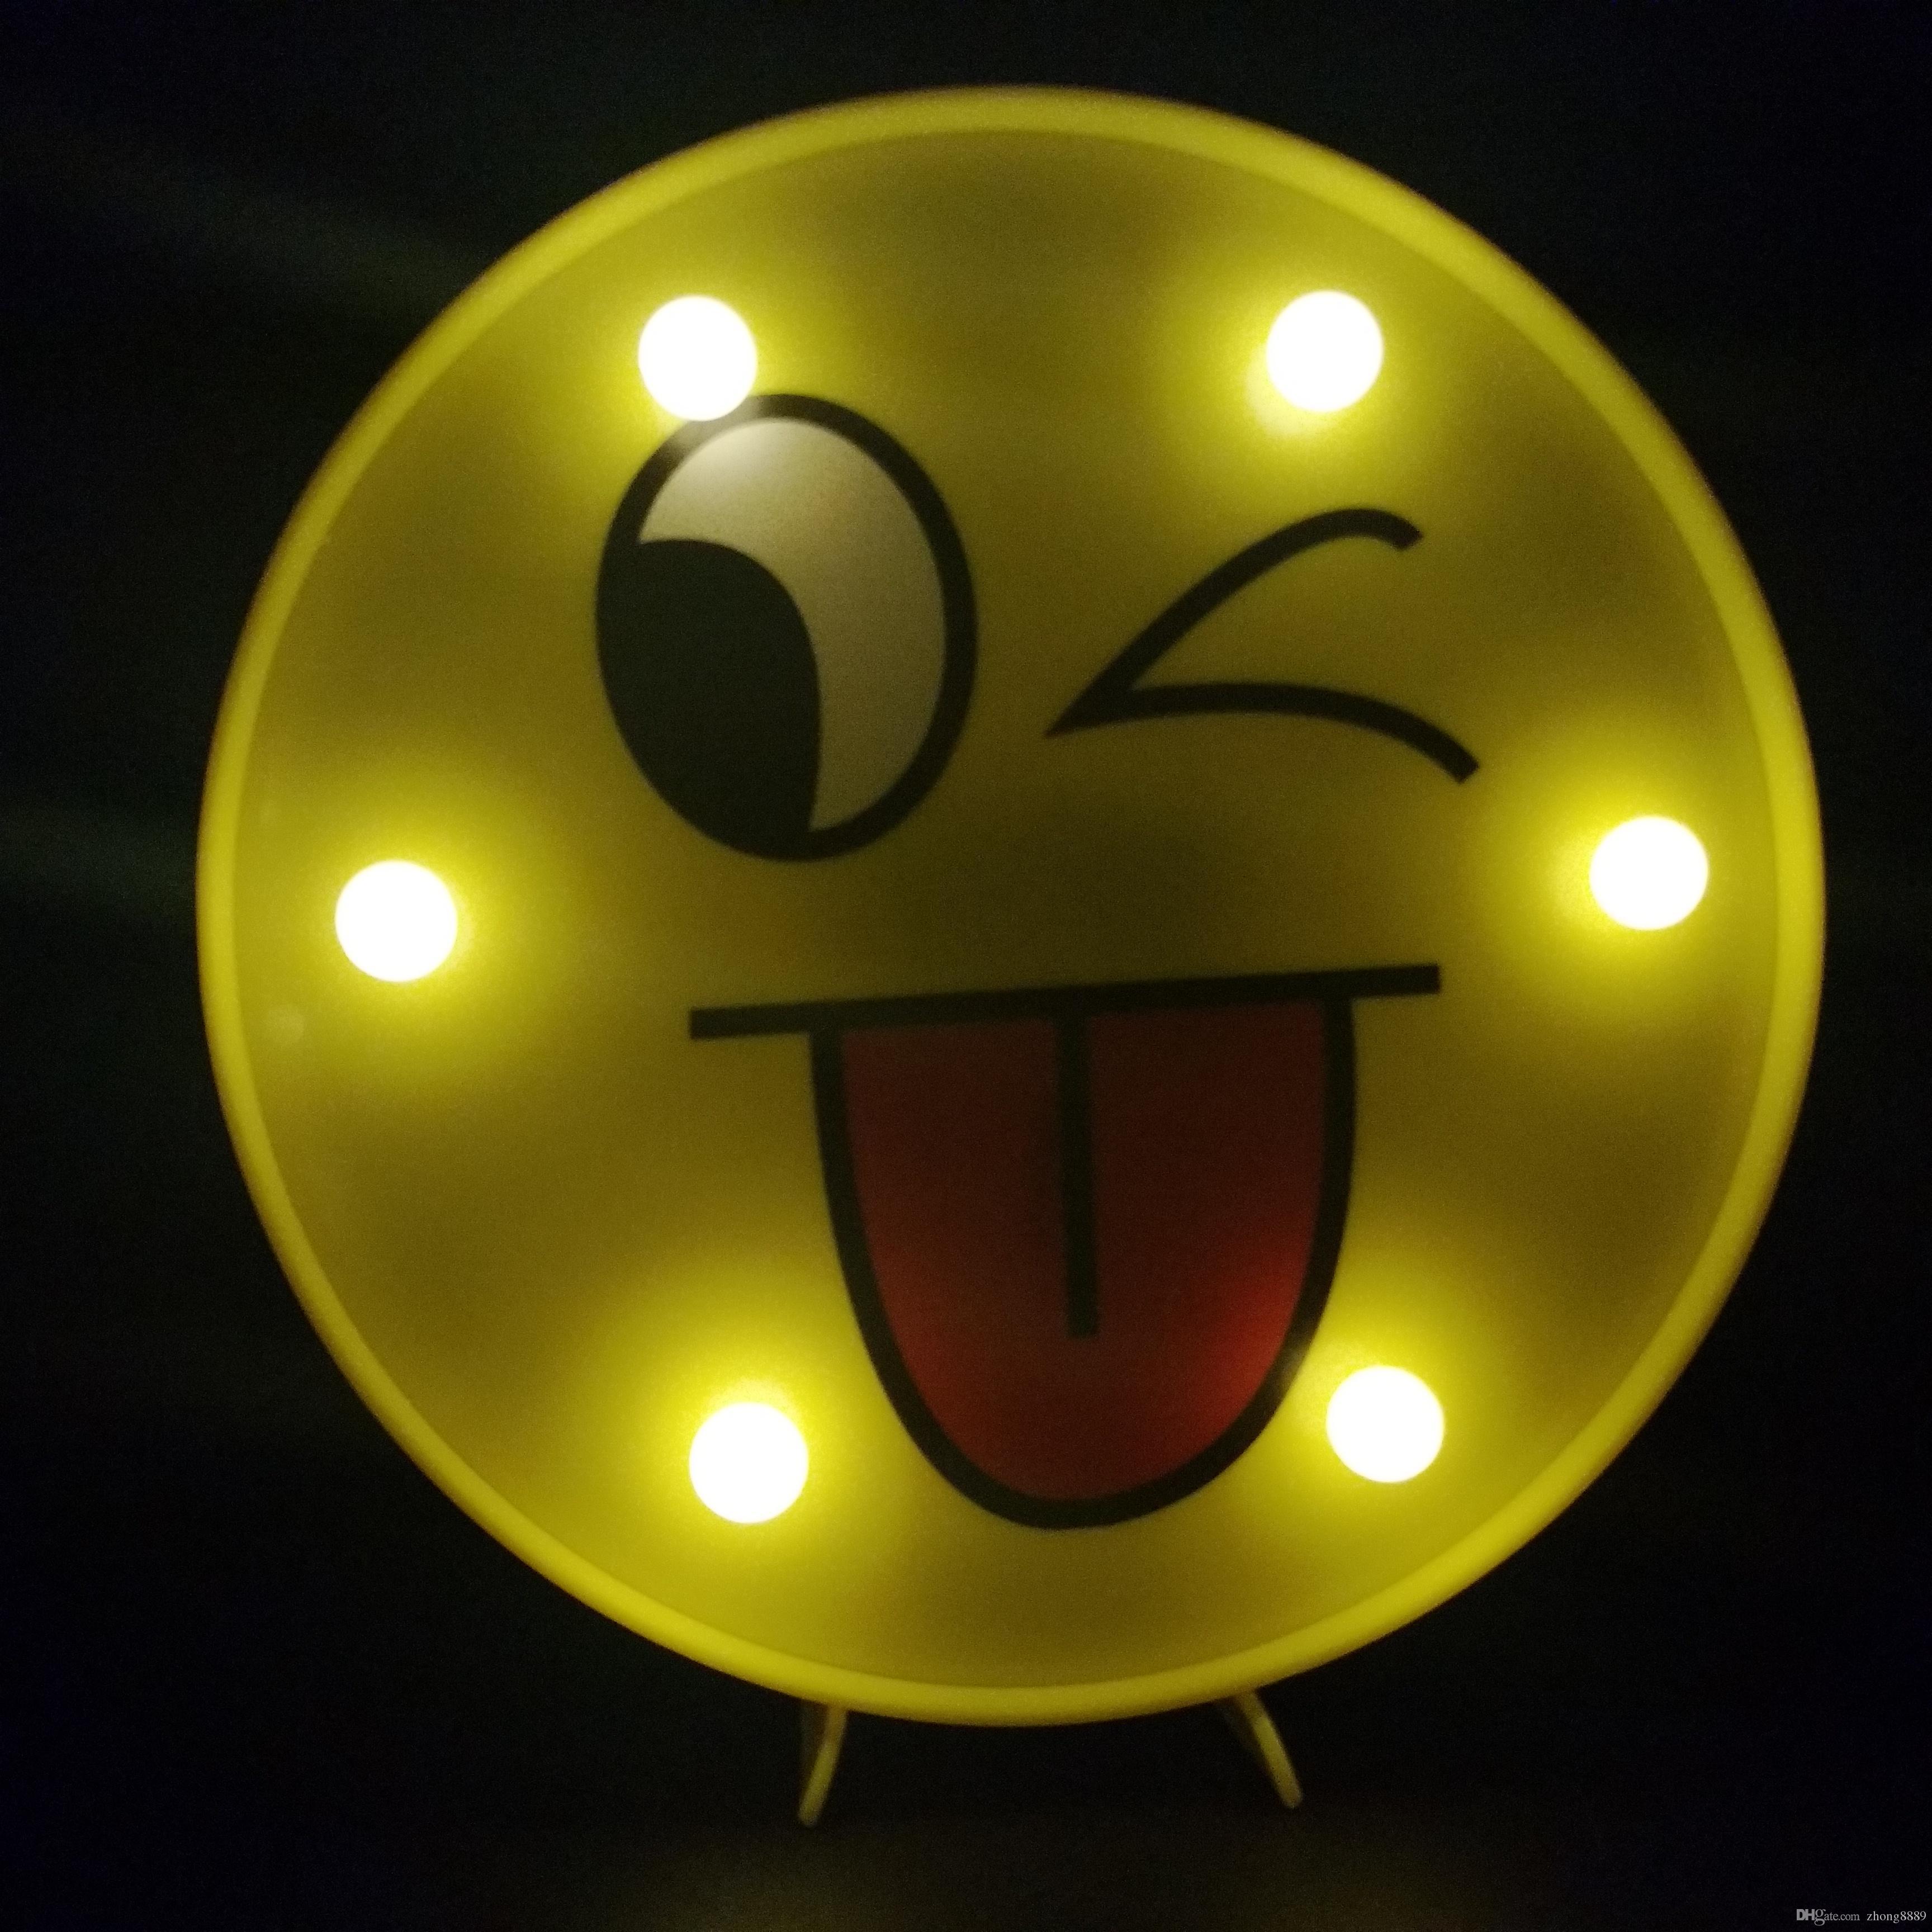 Face 3d Emoji Love Led Night Acrylique New Dégradé 7 Atmosphère Light Sweet Coloré mwv8n0NO